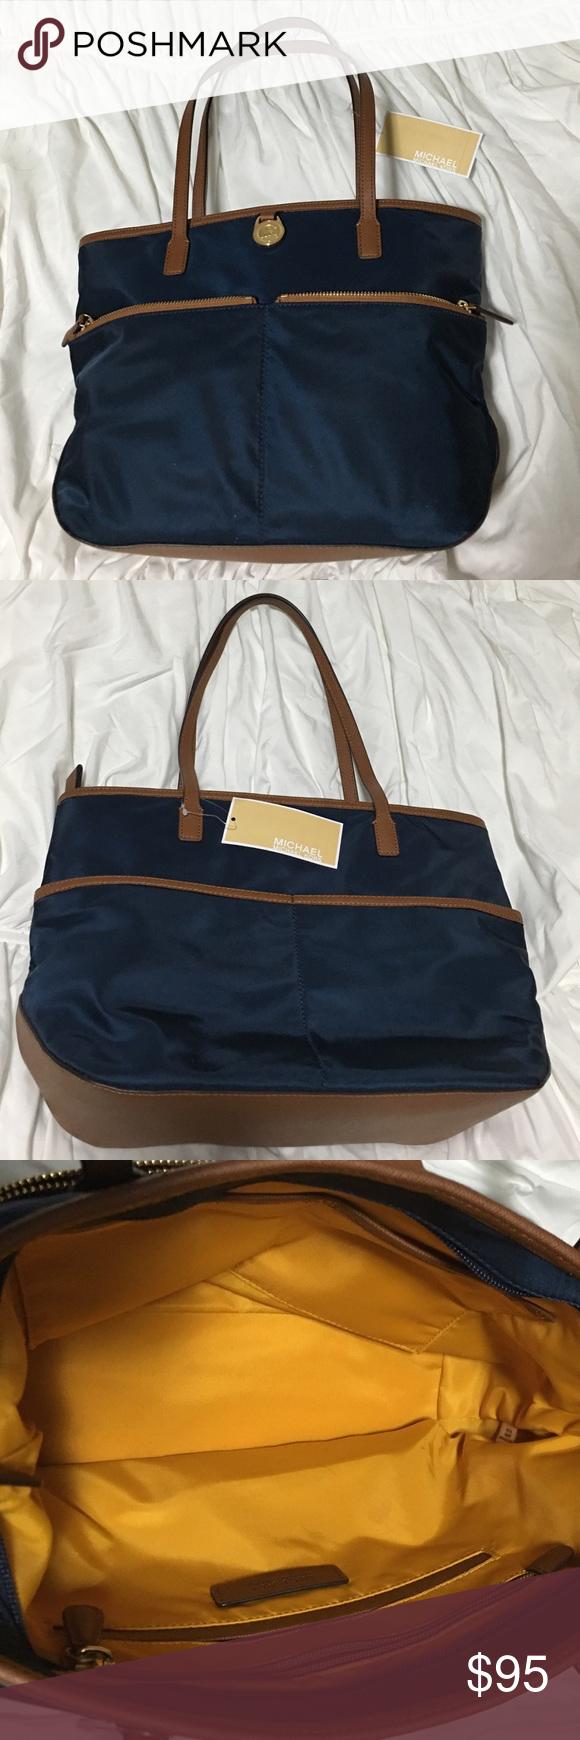 Michael Kors Brand new navy Michael Kors handbag with tags! Michael Kors Bags Shoulder Bags